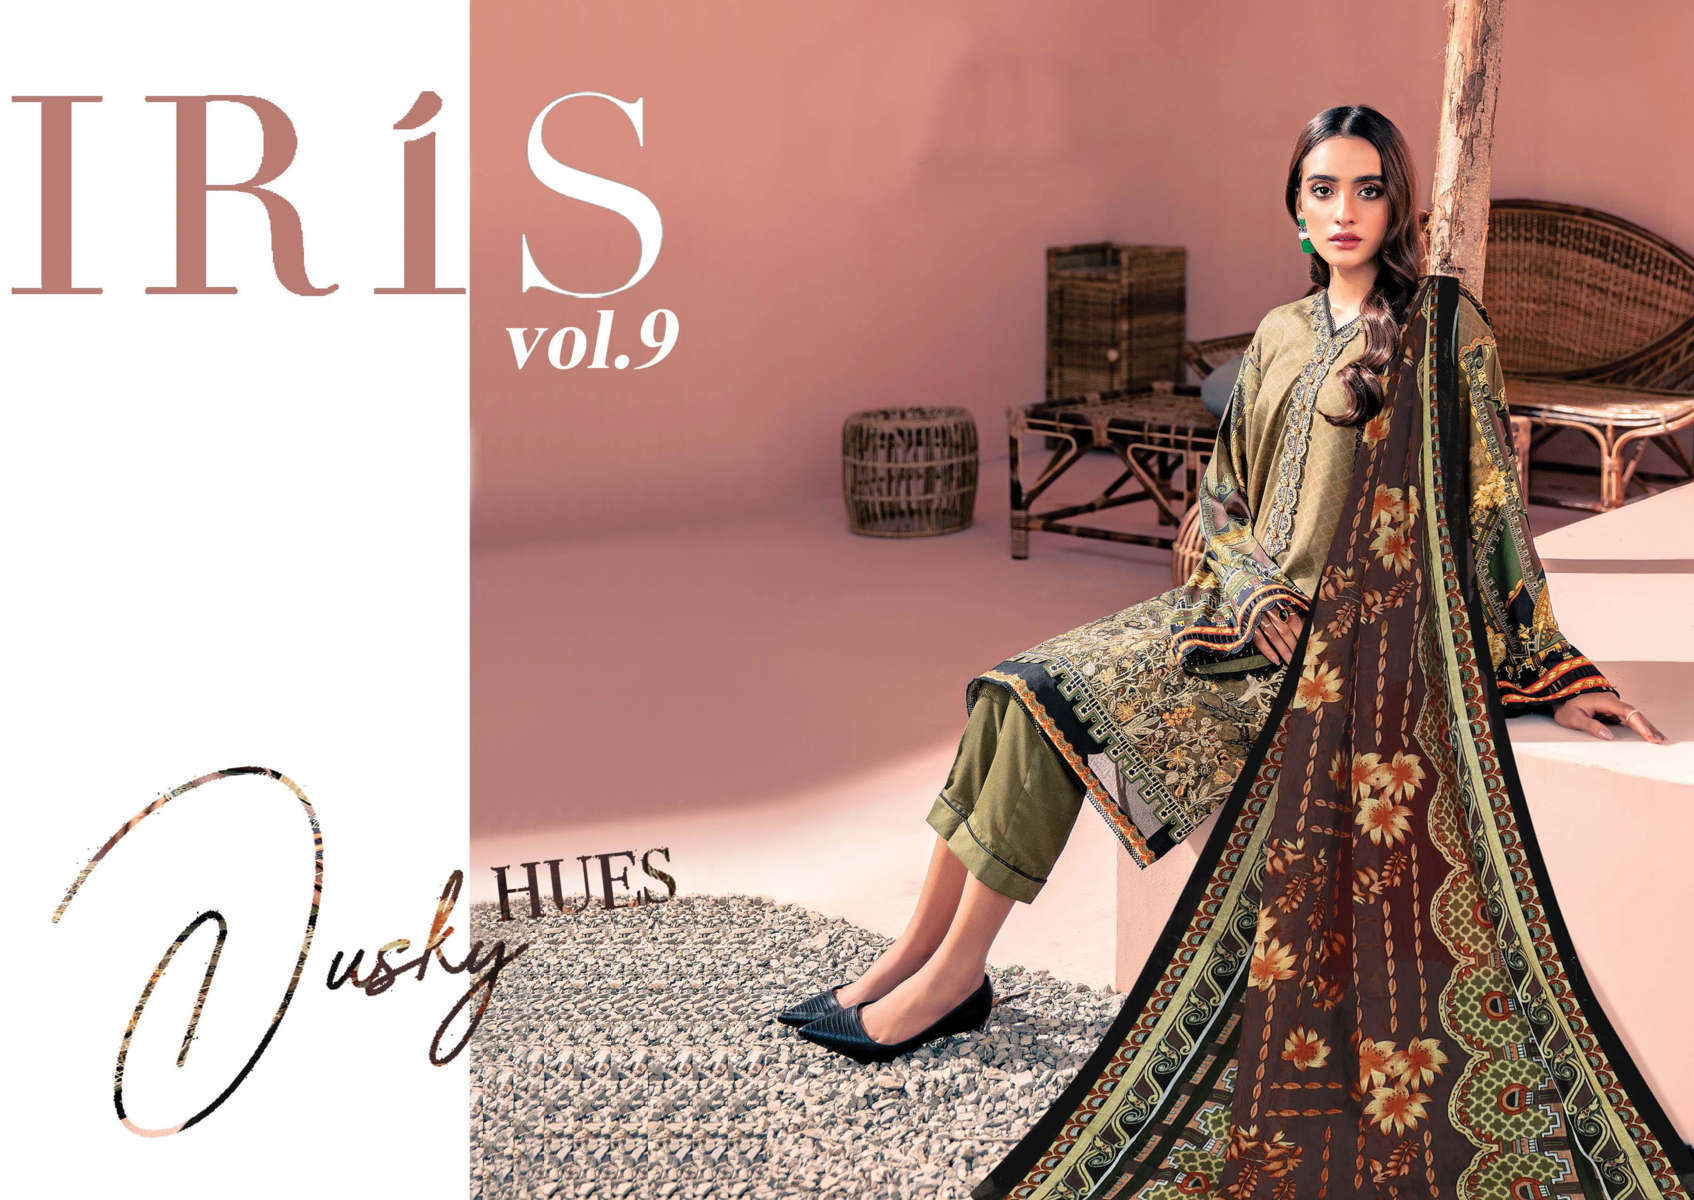 Iris Vol 9 Karachi Cotton Salwar Suit Wholesale Catalog 10 Pcs 8 - Iris Vol 9 Karachi Cotton Salwar Suit Wholesale Catalog 10 Pcs